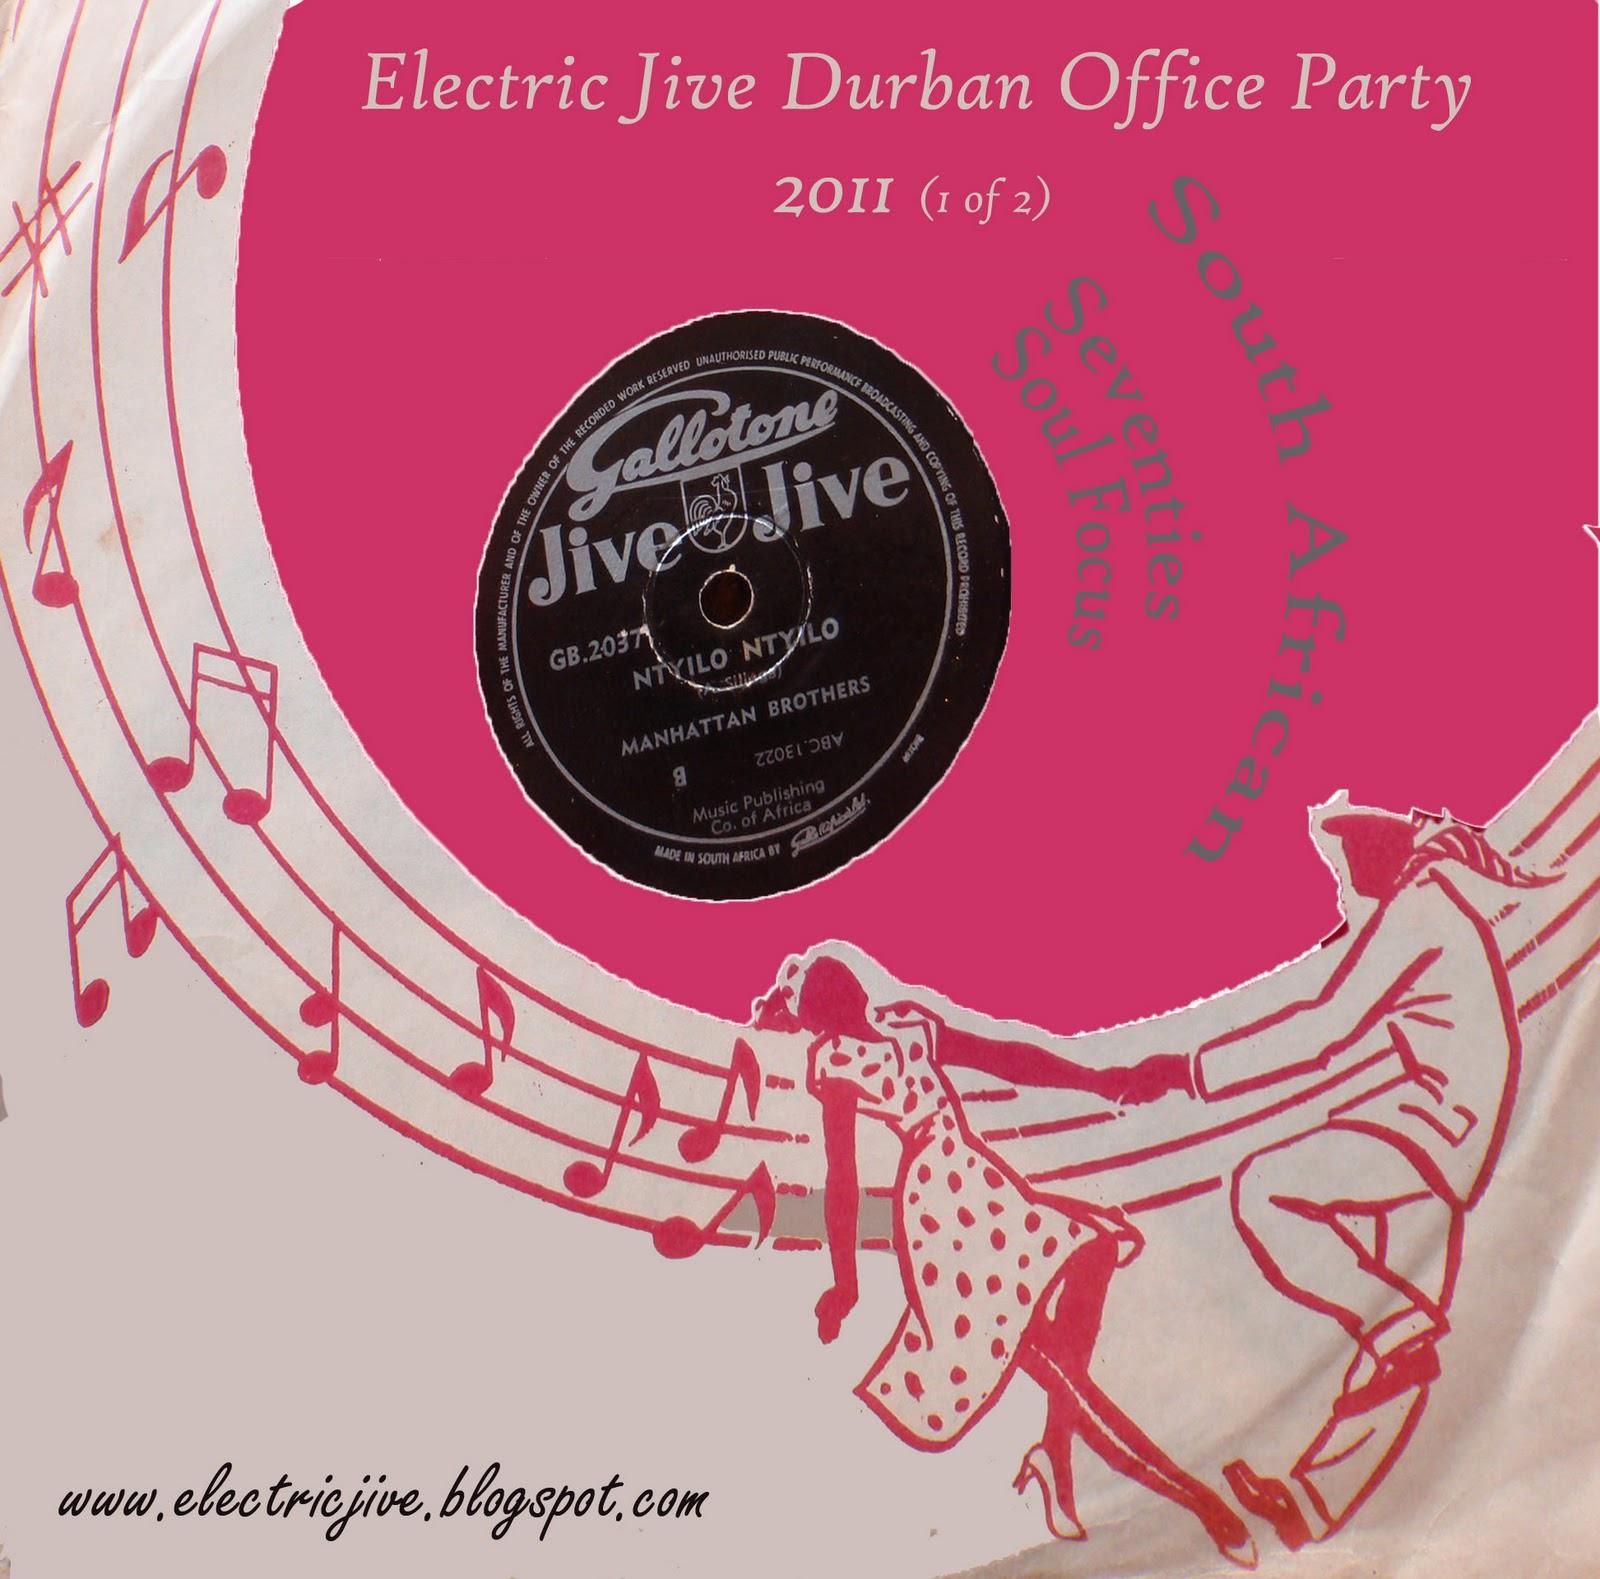 ElectricJive: December 2011